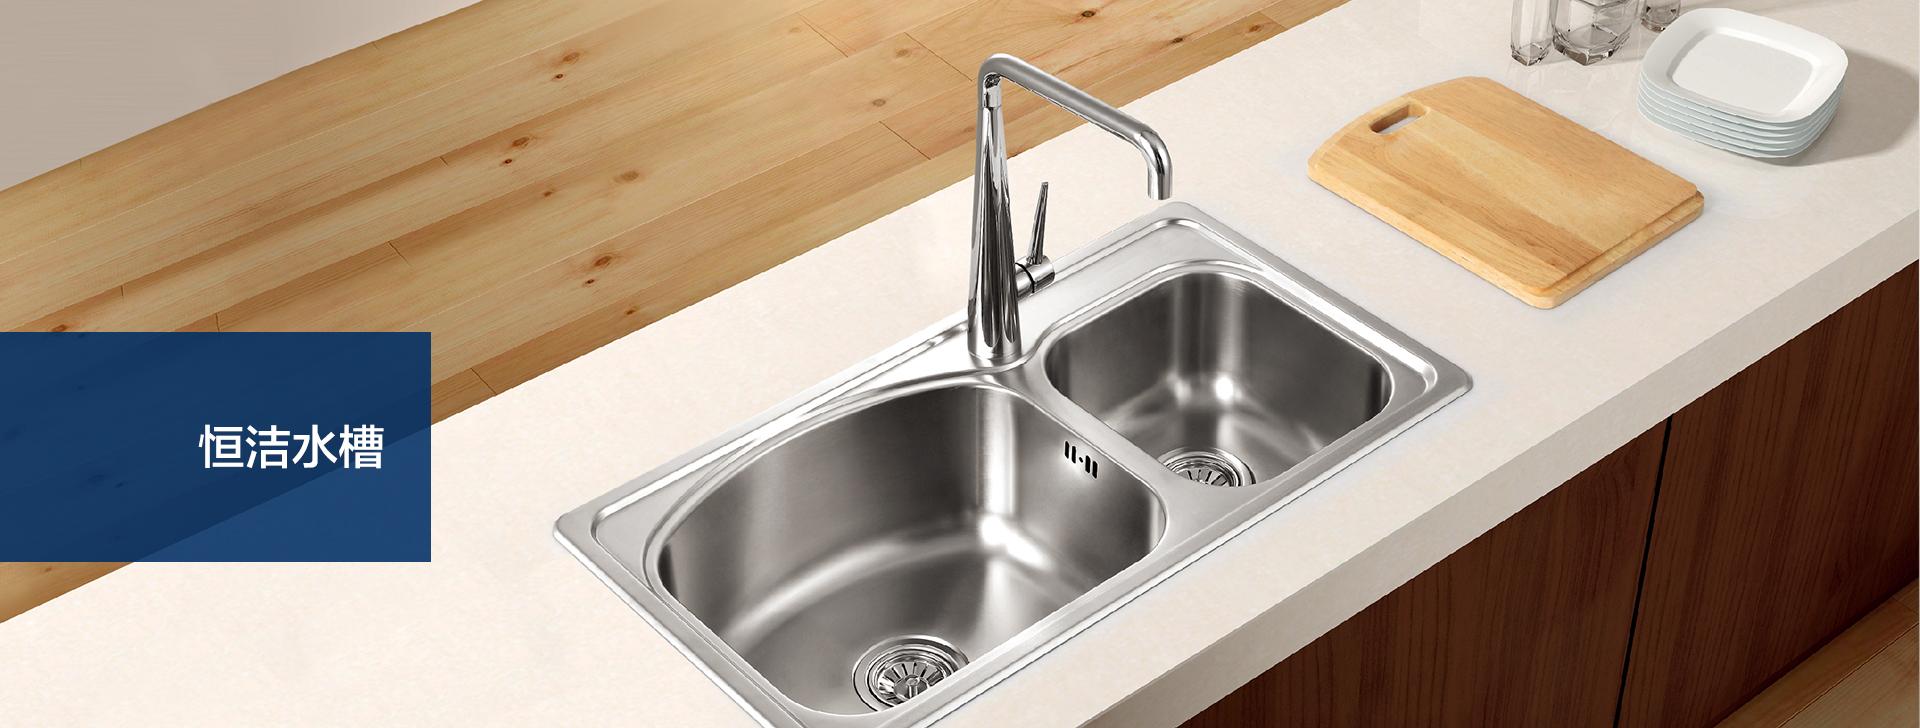 淋浴房五金配件品牌_厨房水槽-不锈钢水槽-水槽十大品牌-恒洁卫浴官网